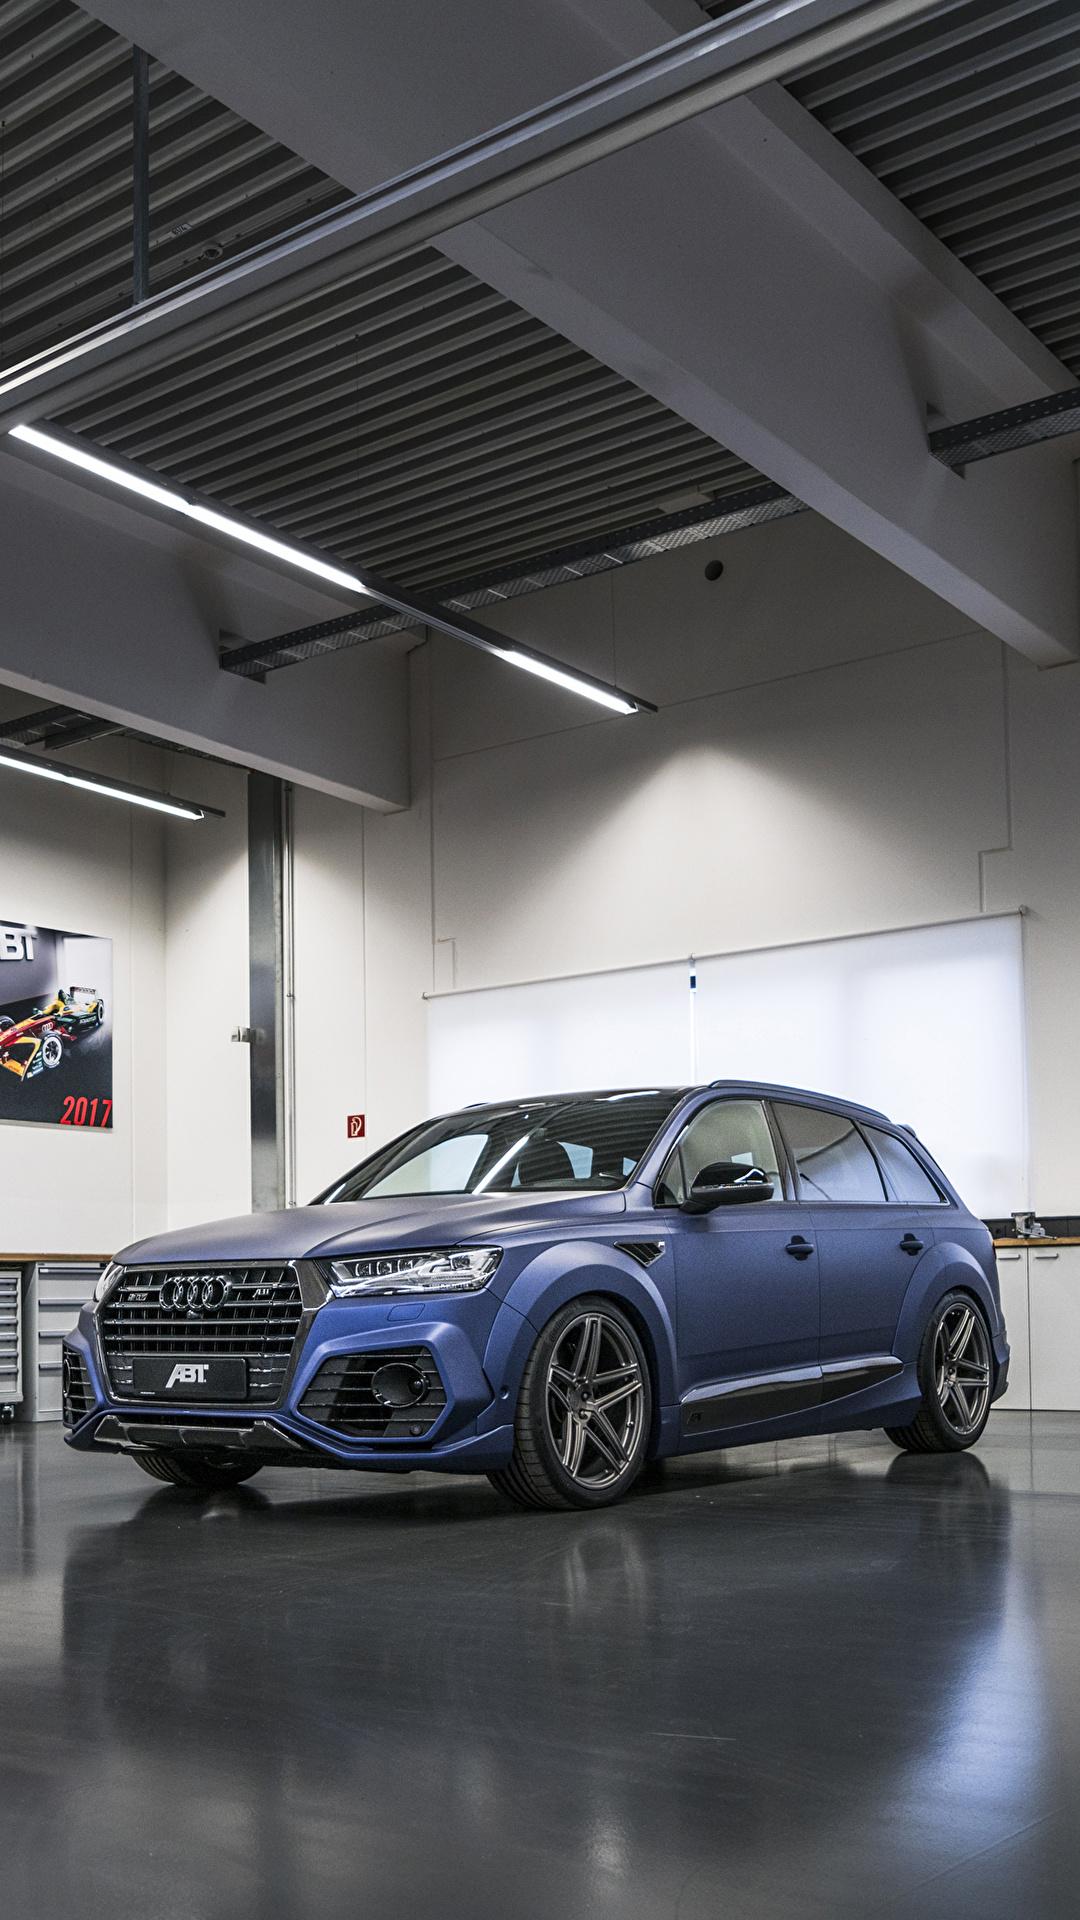 Fondos De Pantalla 1080x1920 Audi 2017 18 Sq7 Abt Vossen